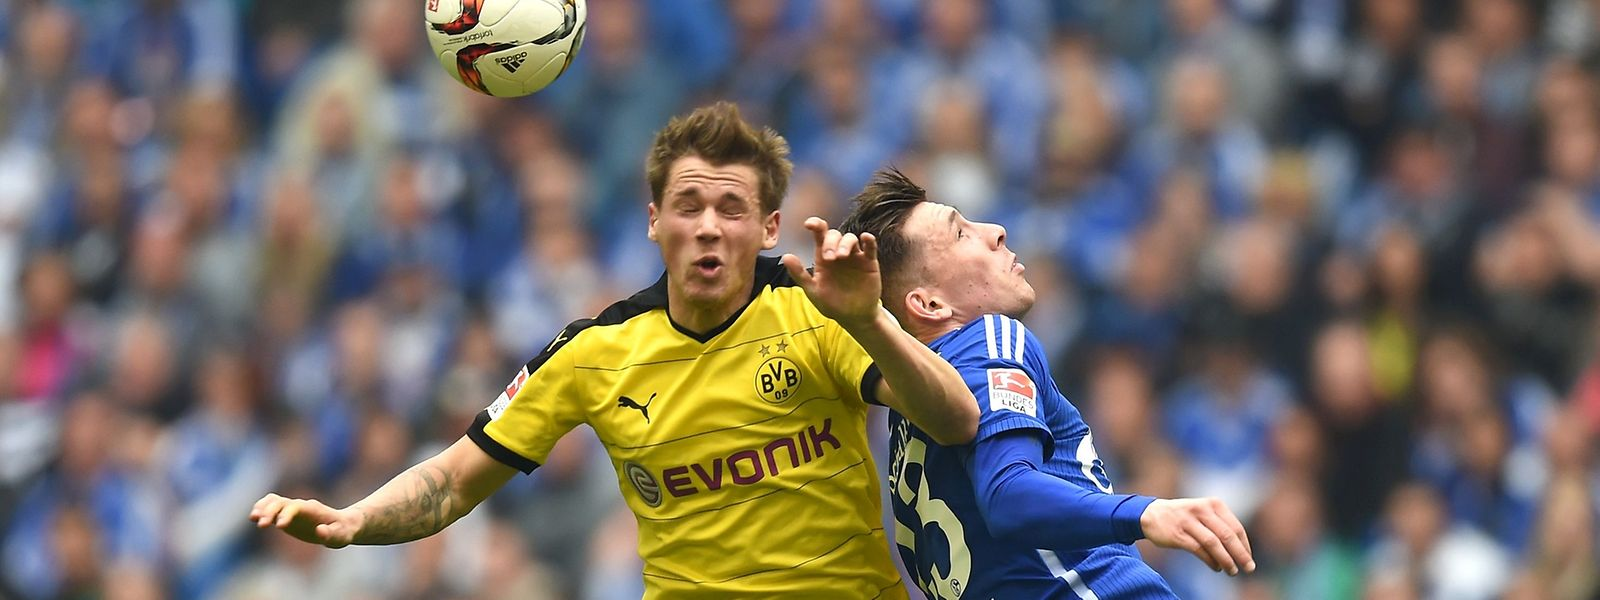 Erik Durm und der BVB könnten künftig am Montagabend auf Pierre-Emile Höjbjerg und Schalke 04 treffen.